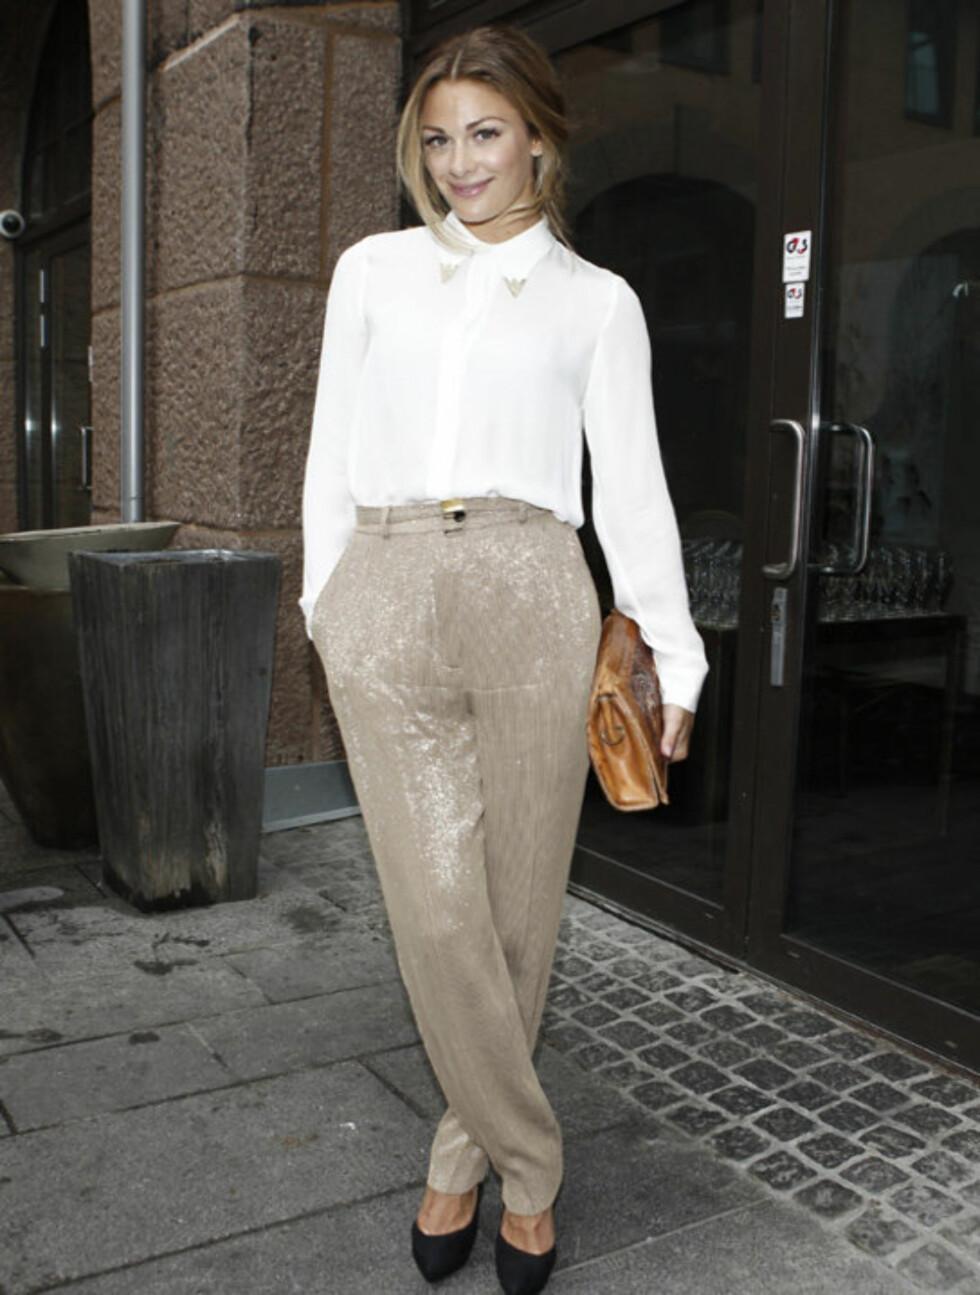 STILIG: Jenny Skavlan ankom OFW-åpningen i vintagebukse og -veske, samt morsom bluse fra Zara. Hun mener at mote-Norge nå kan gå videre etter terrorangrepene, etter at både sports- og musikkbransjen har gjort det.  Foto: Stella Pictures